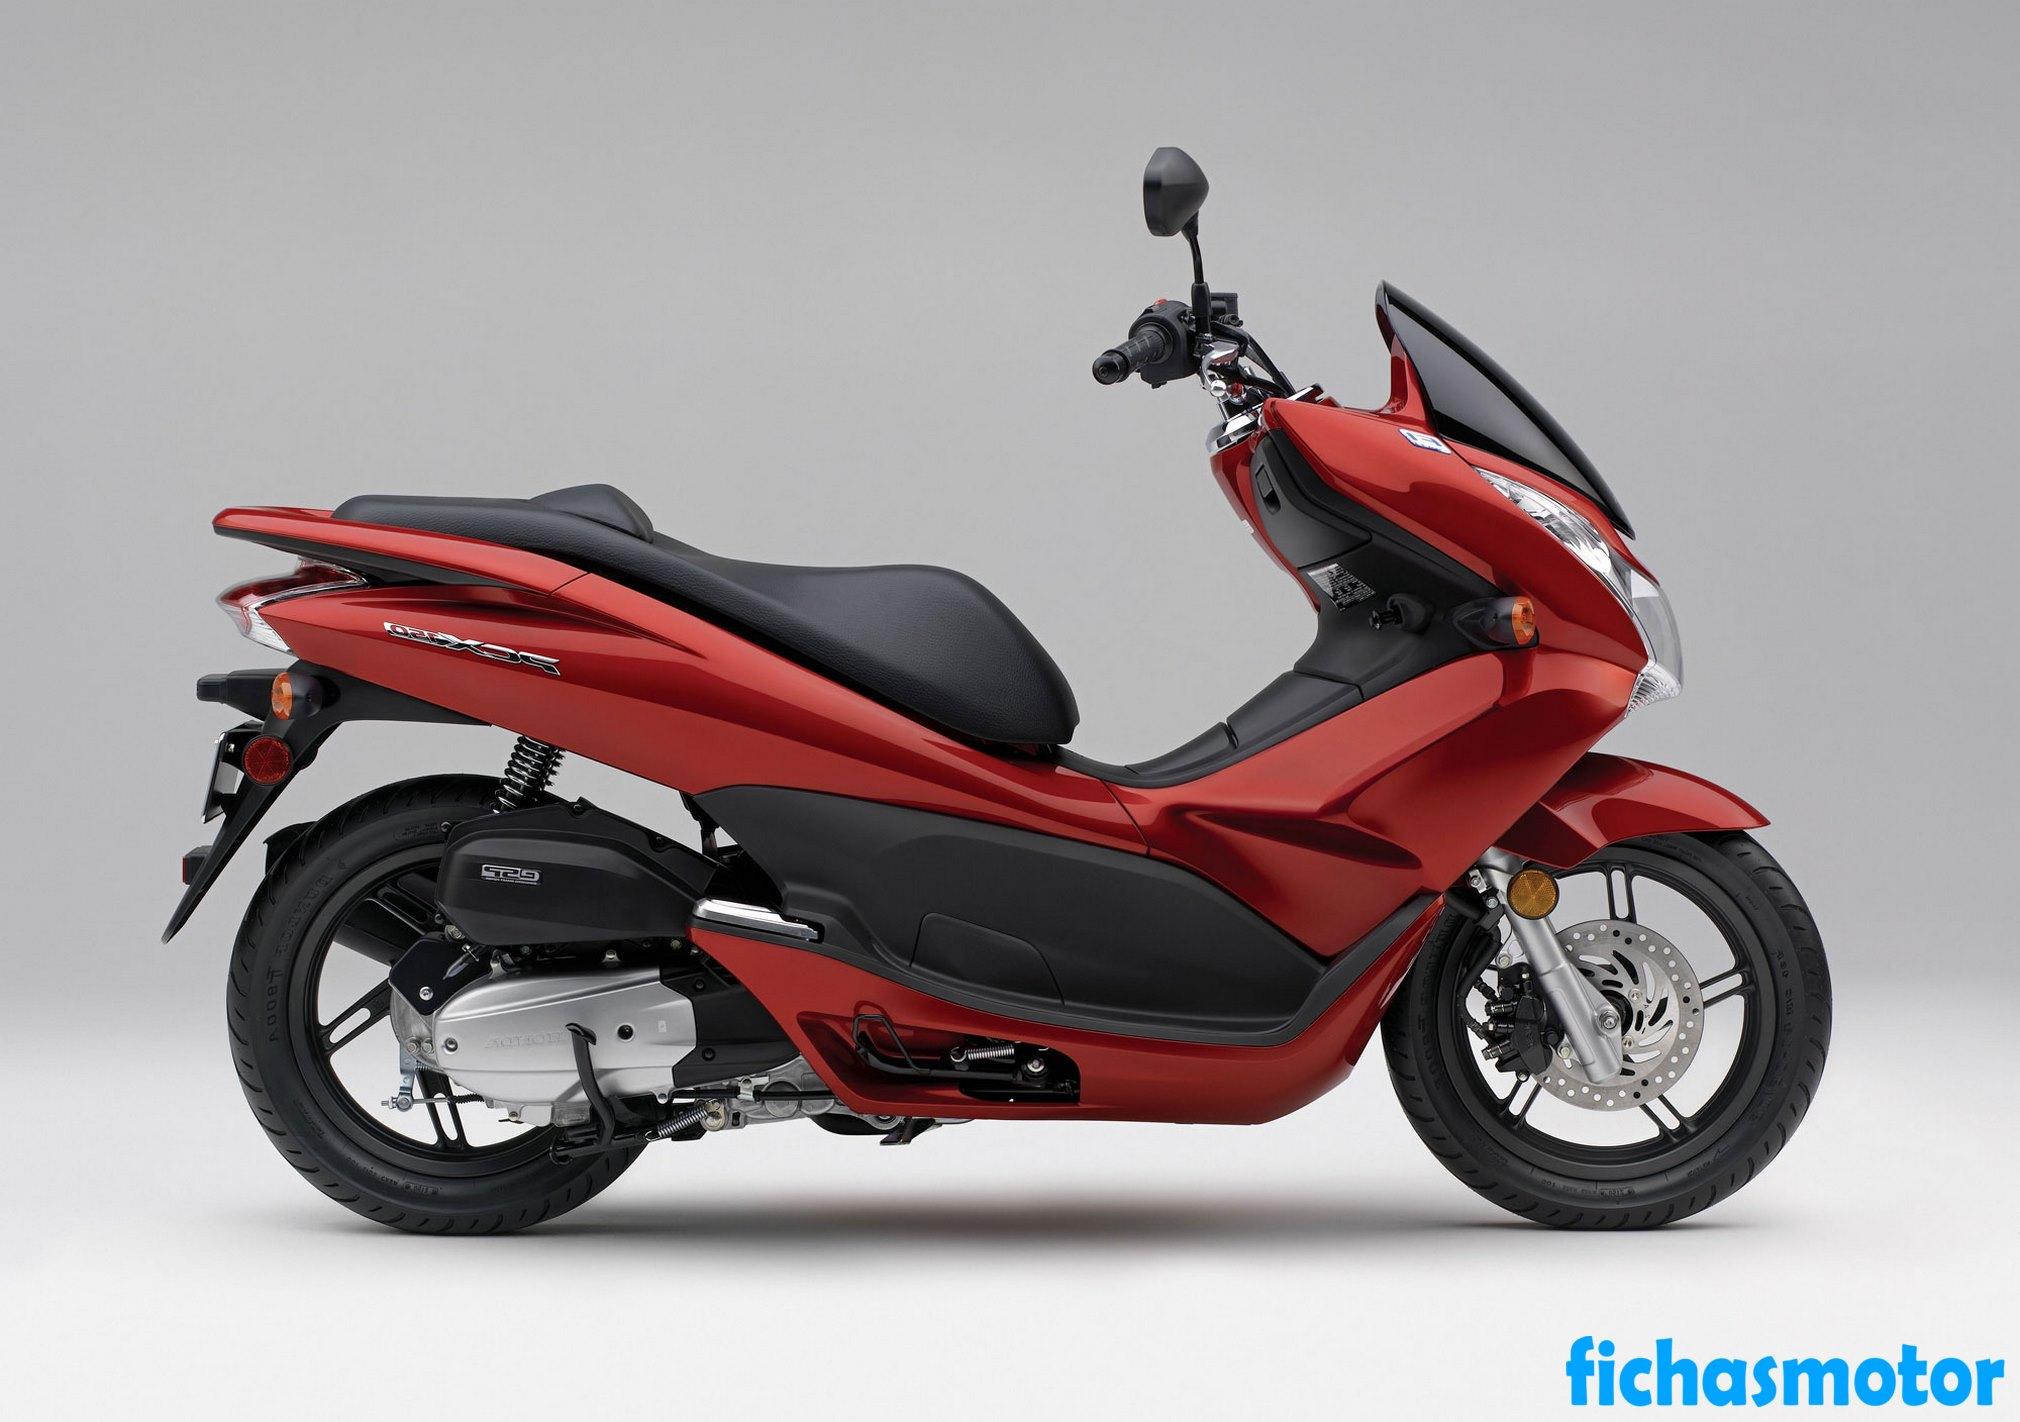 Ficha técnica Honda pcx150 2013